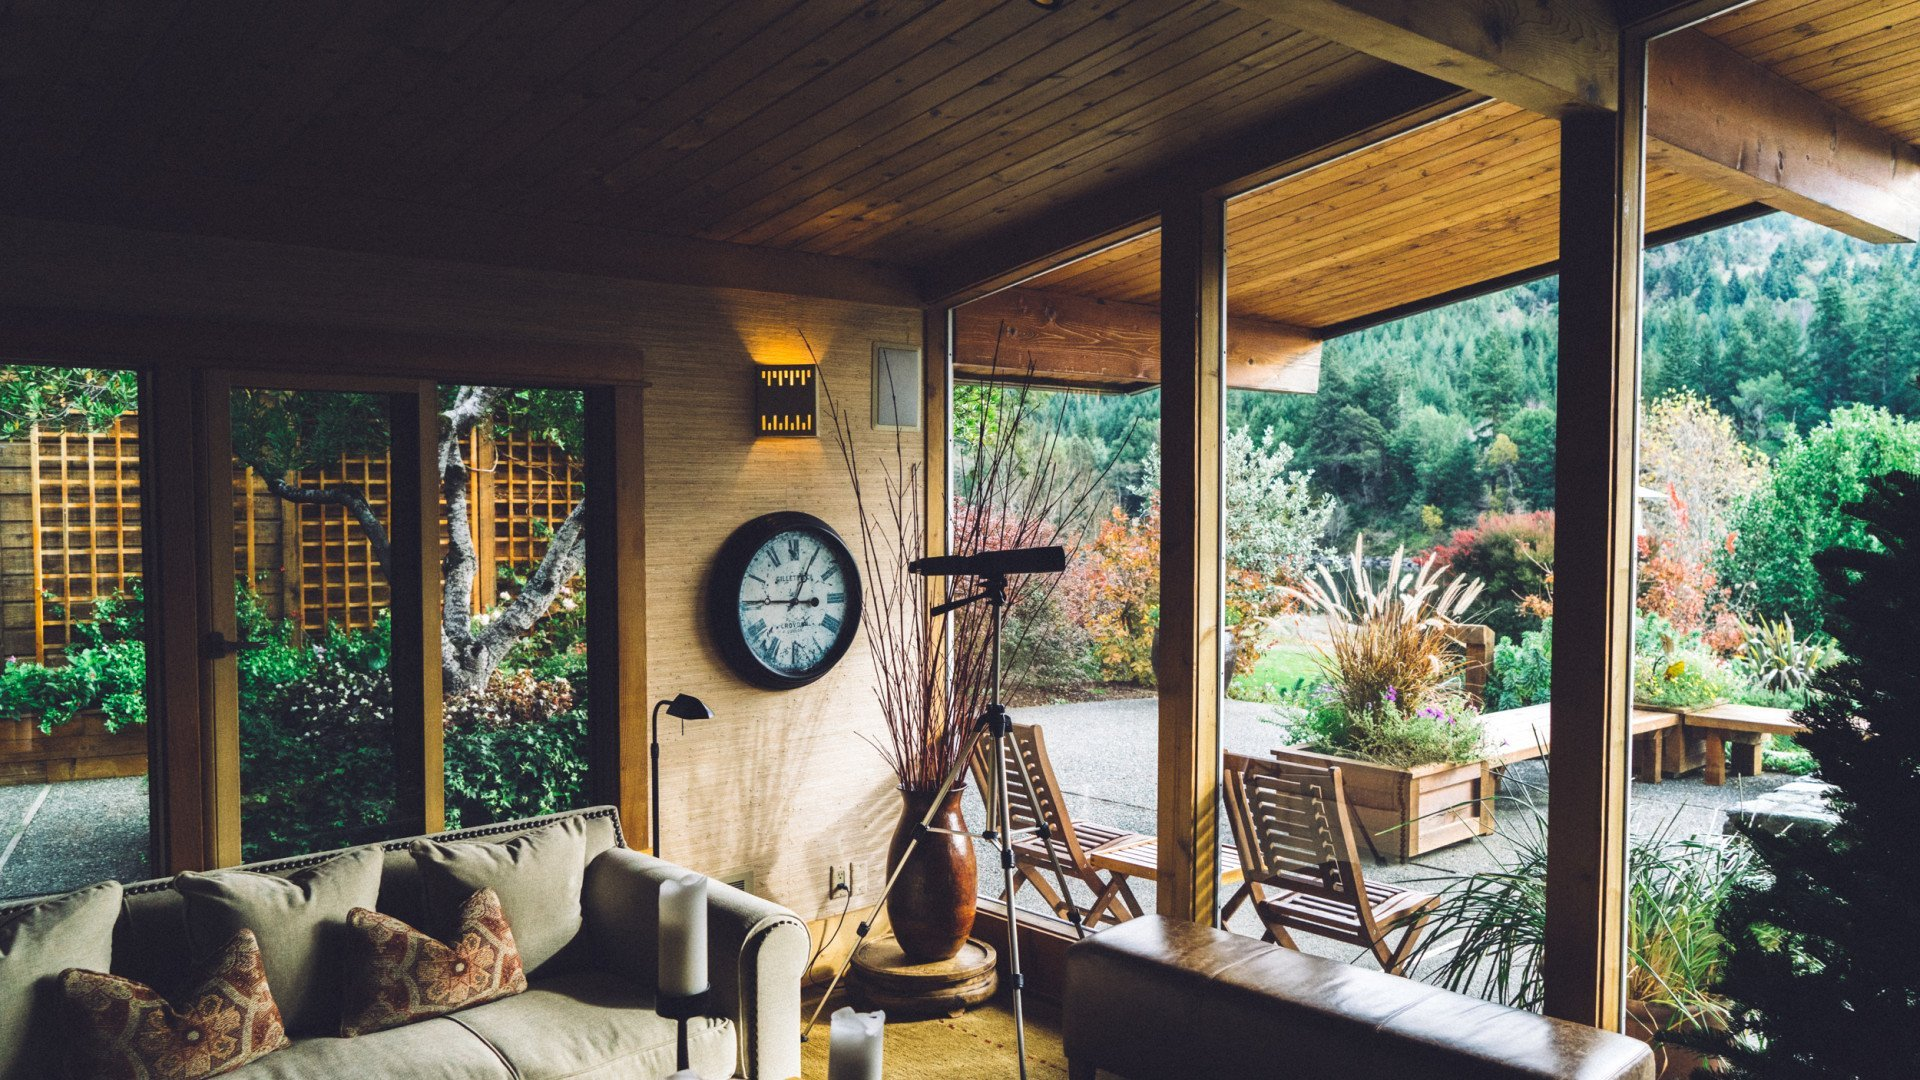 Avec les objets connectés, la maison devient beaucoup plus intelligente